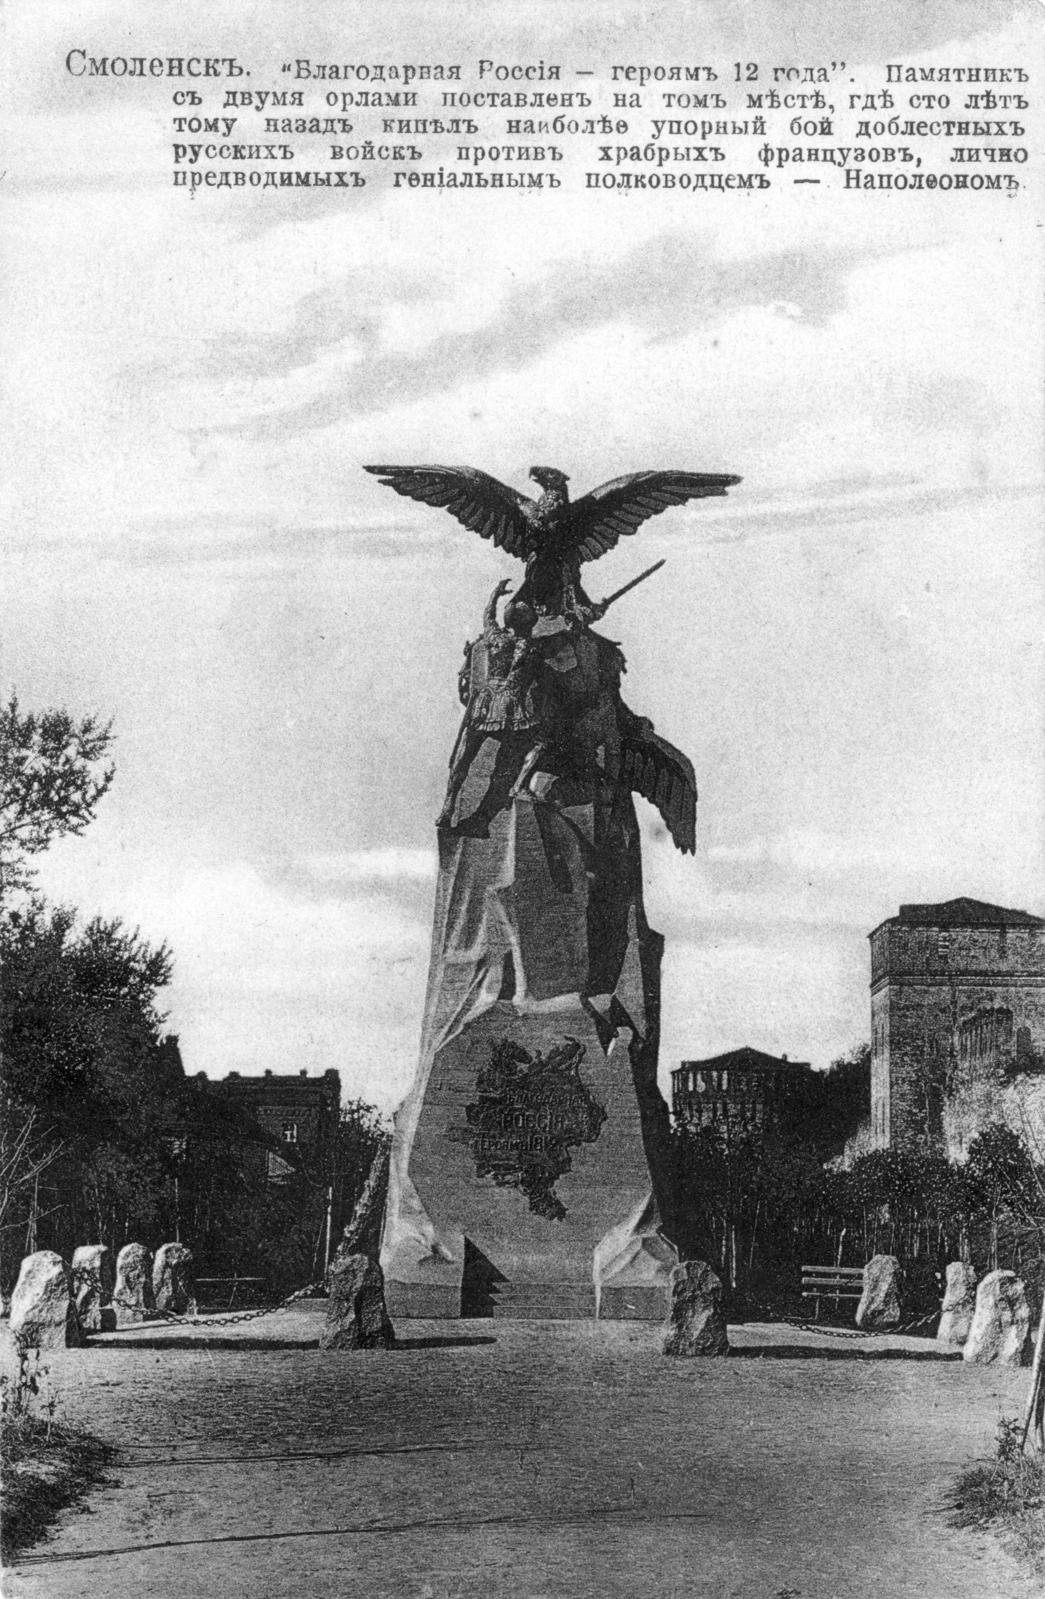 Смоленск, Благодарная Россия - героям 1812 года